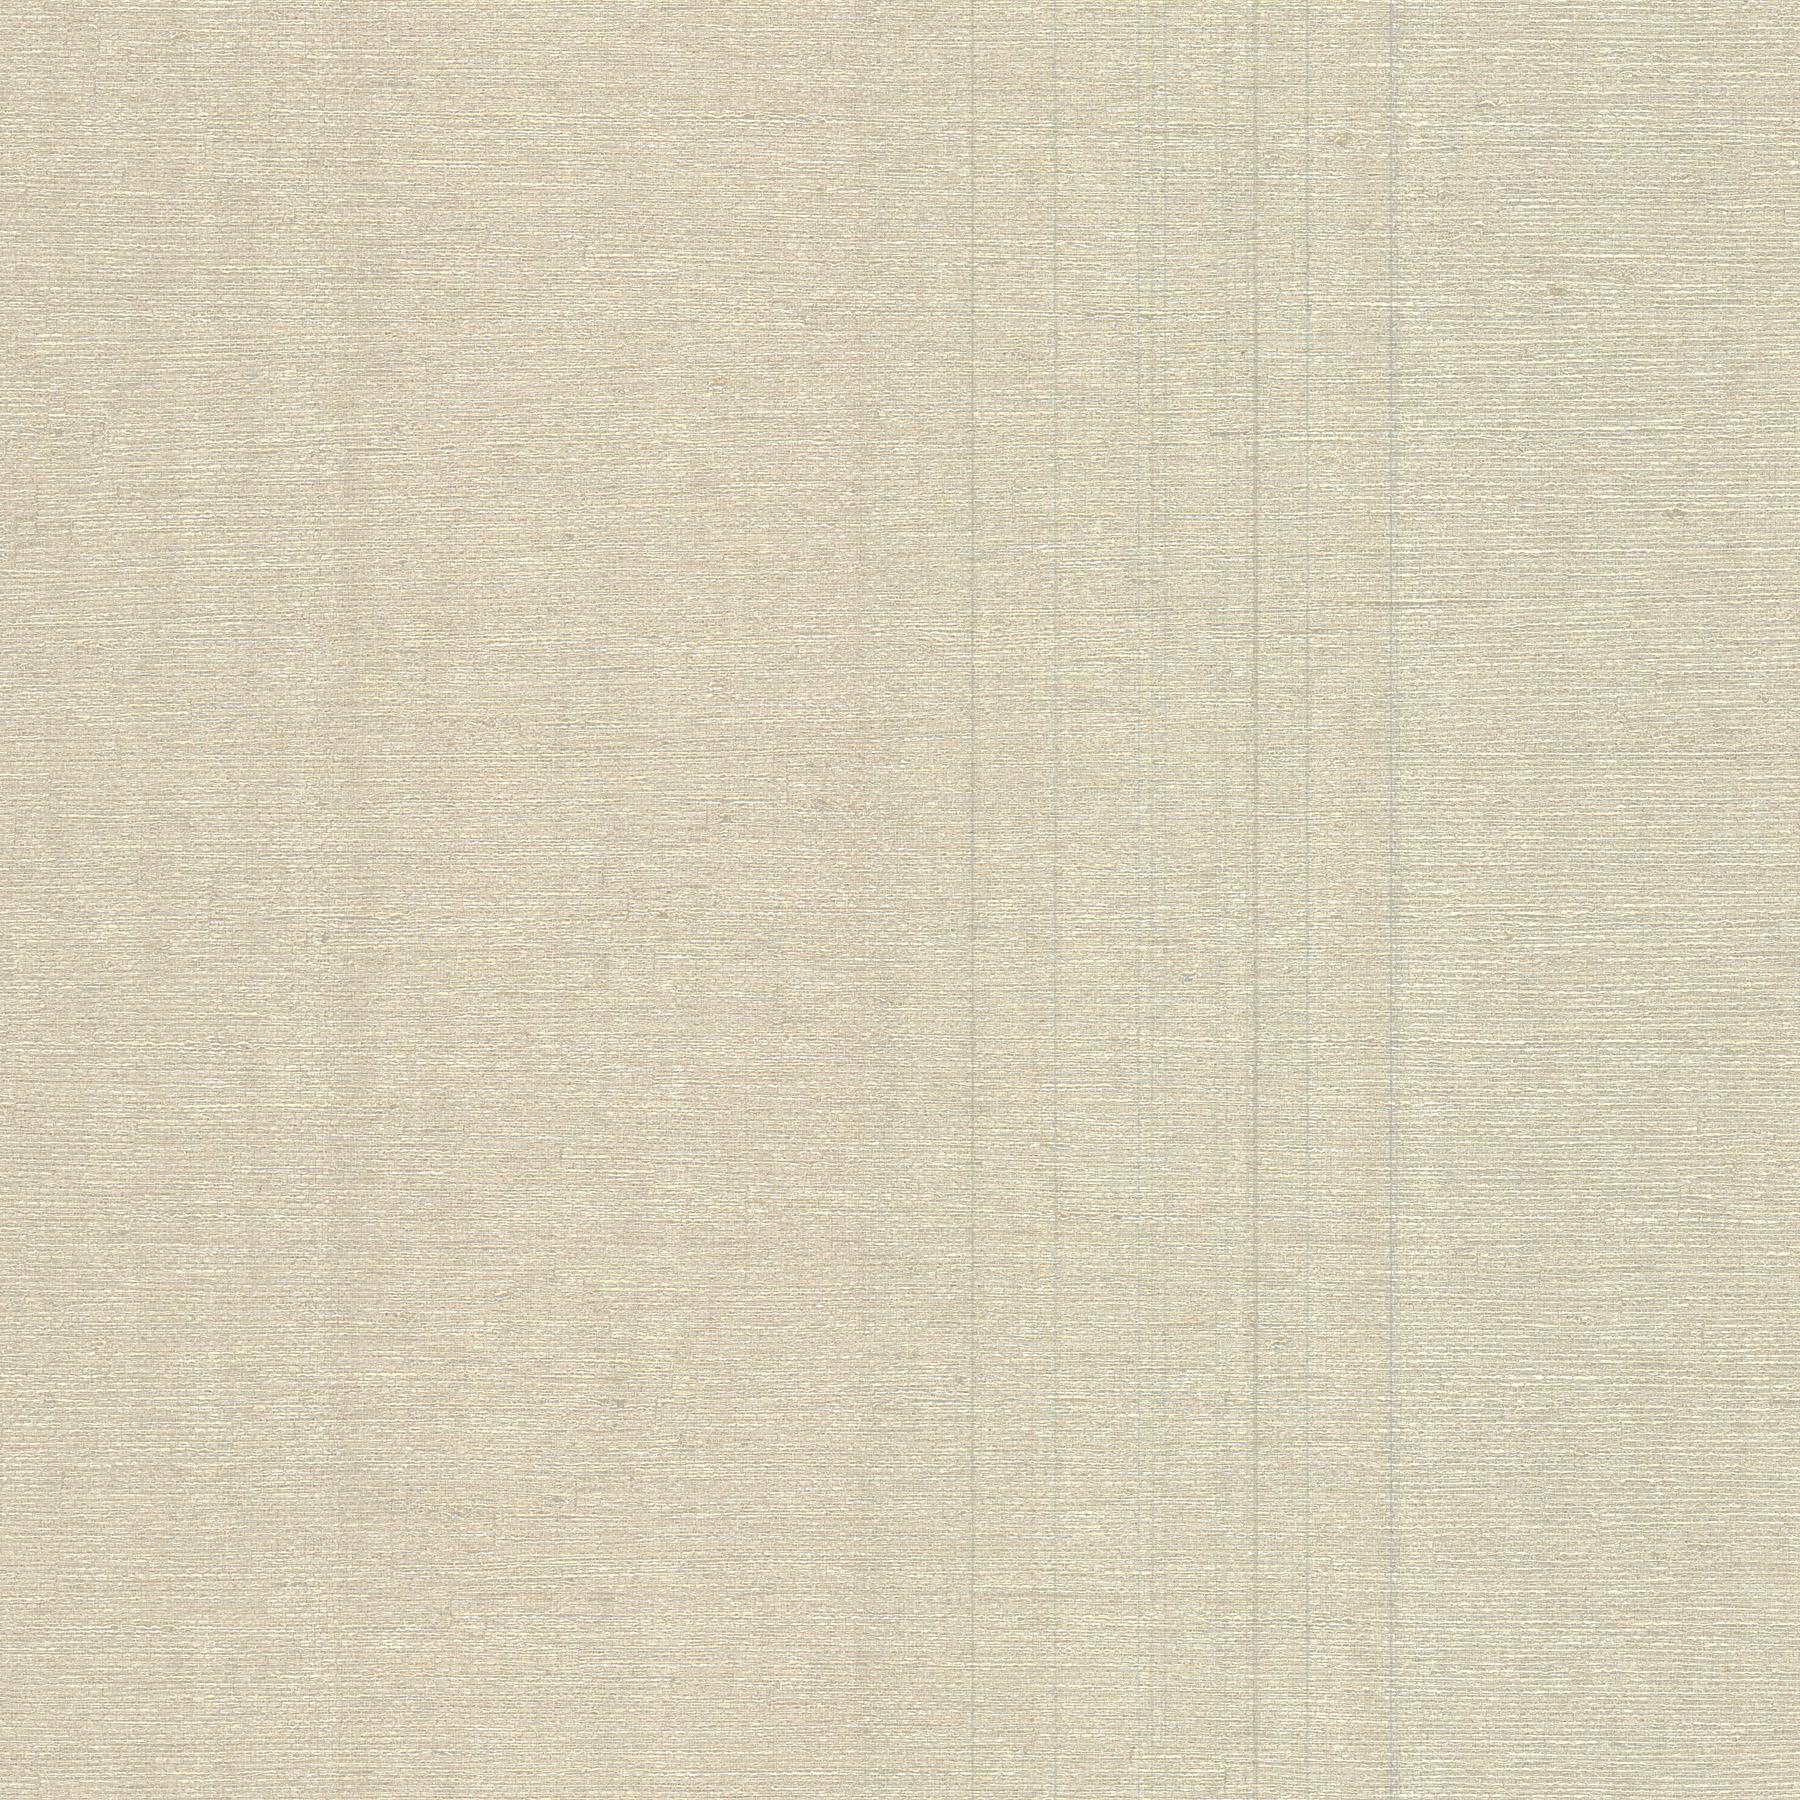 Picture of Aspero Champagne Faux Silk Wallpaper